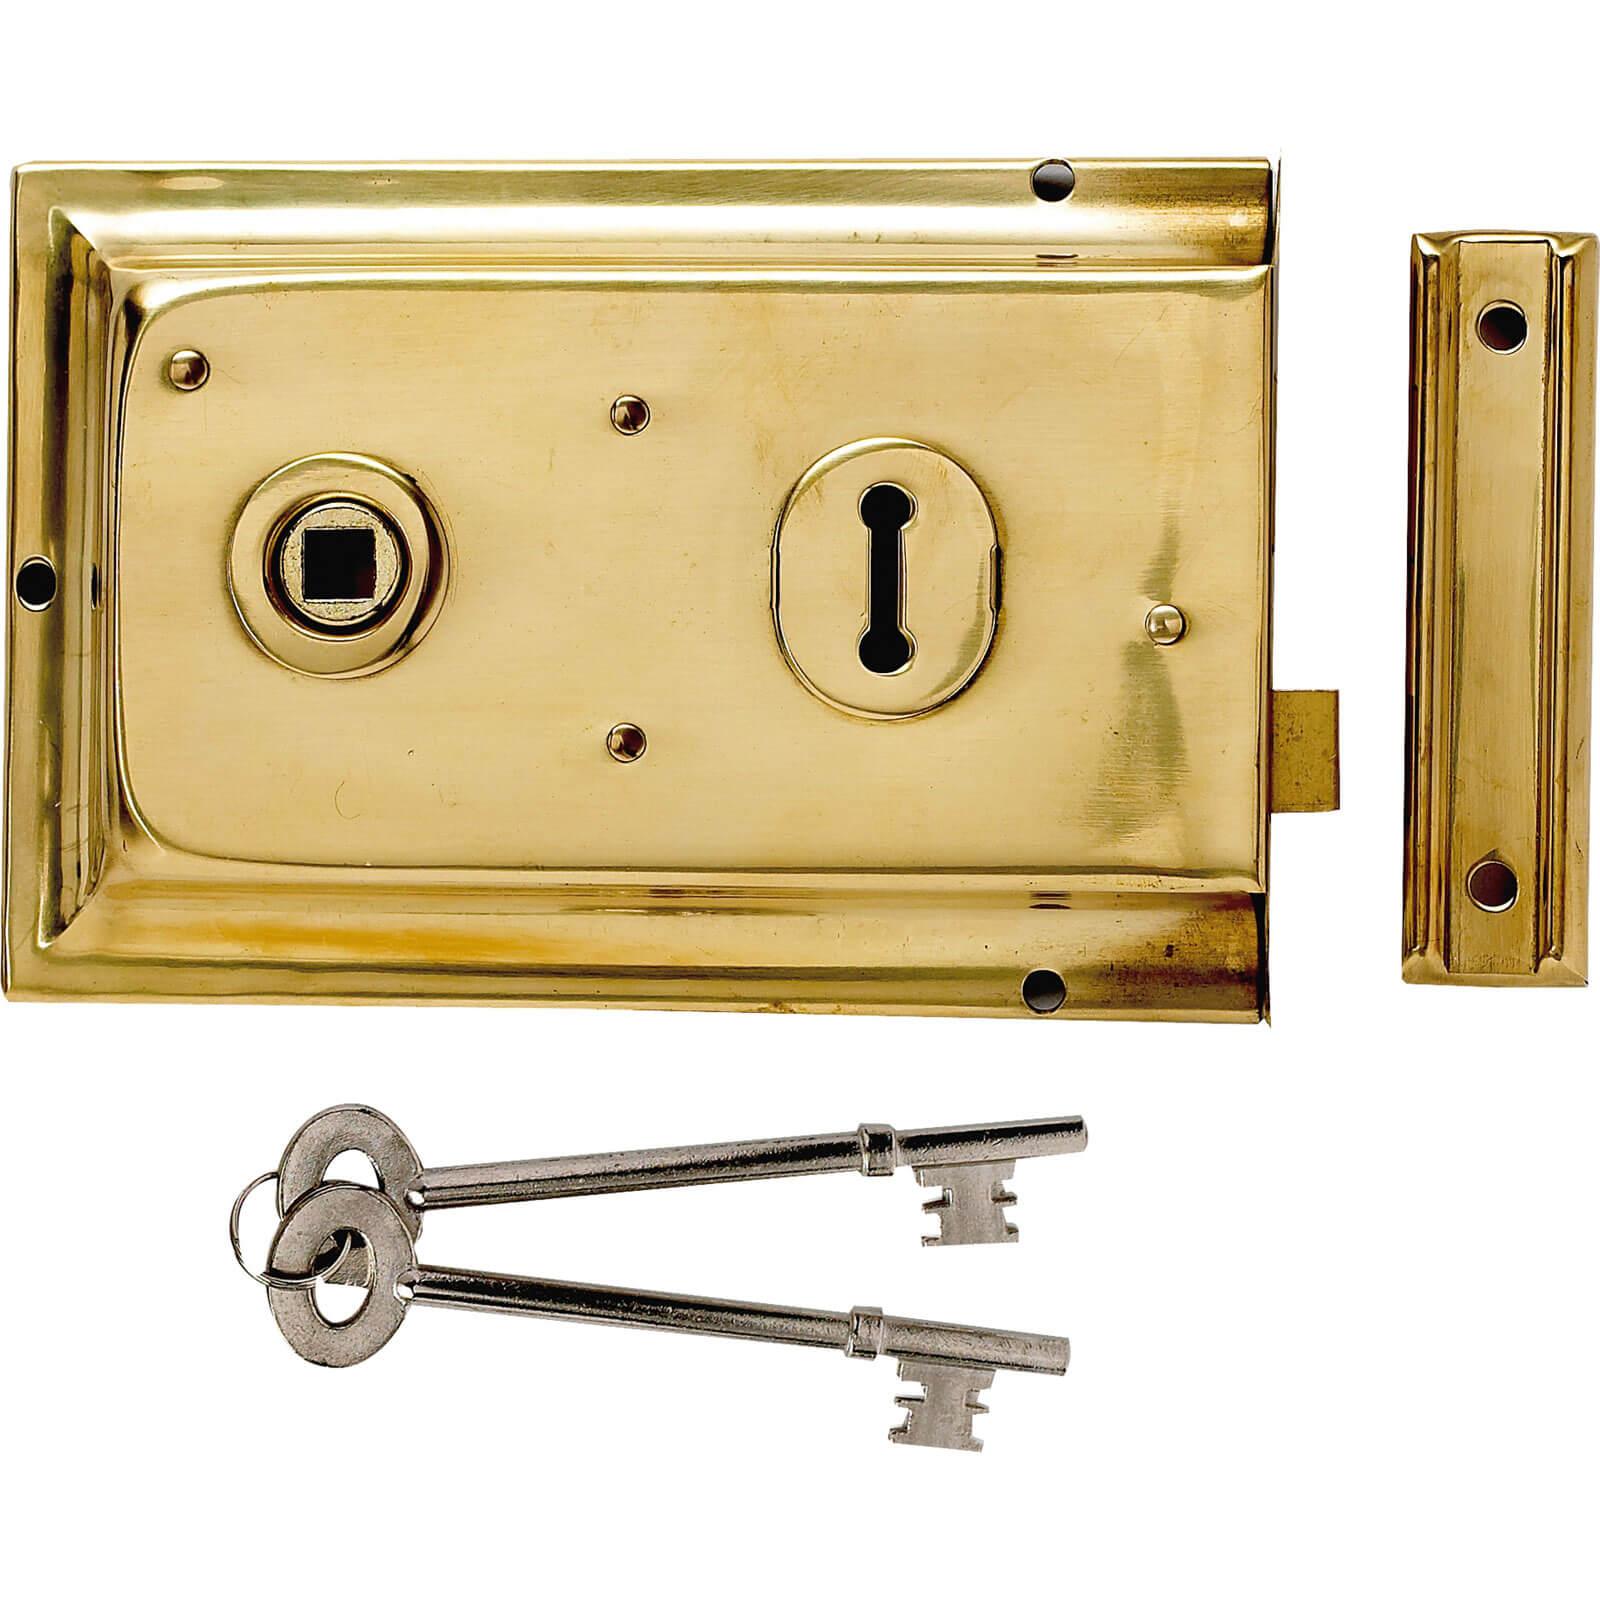 Yale Locks P334 Rim Lock Grey Finish 156 x 104mm